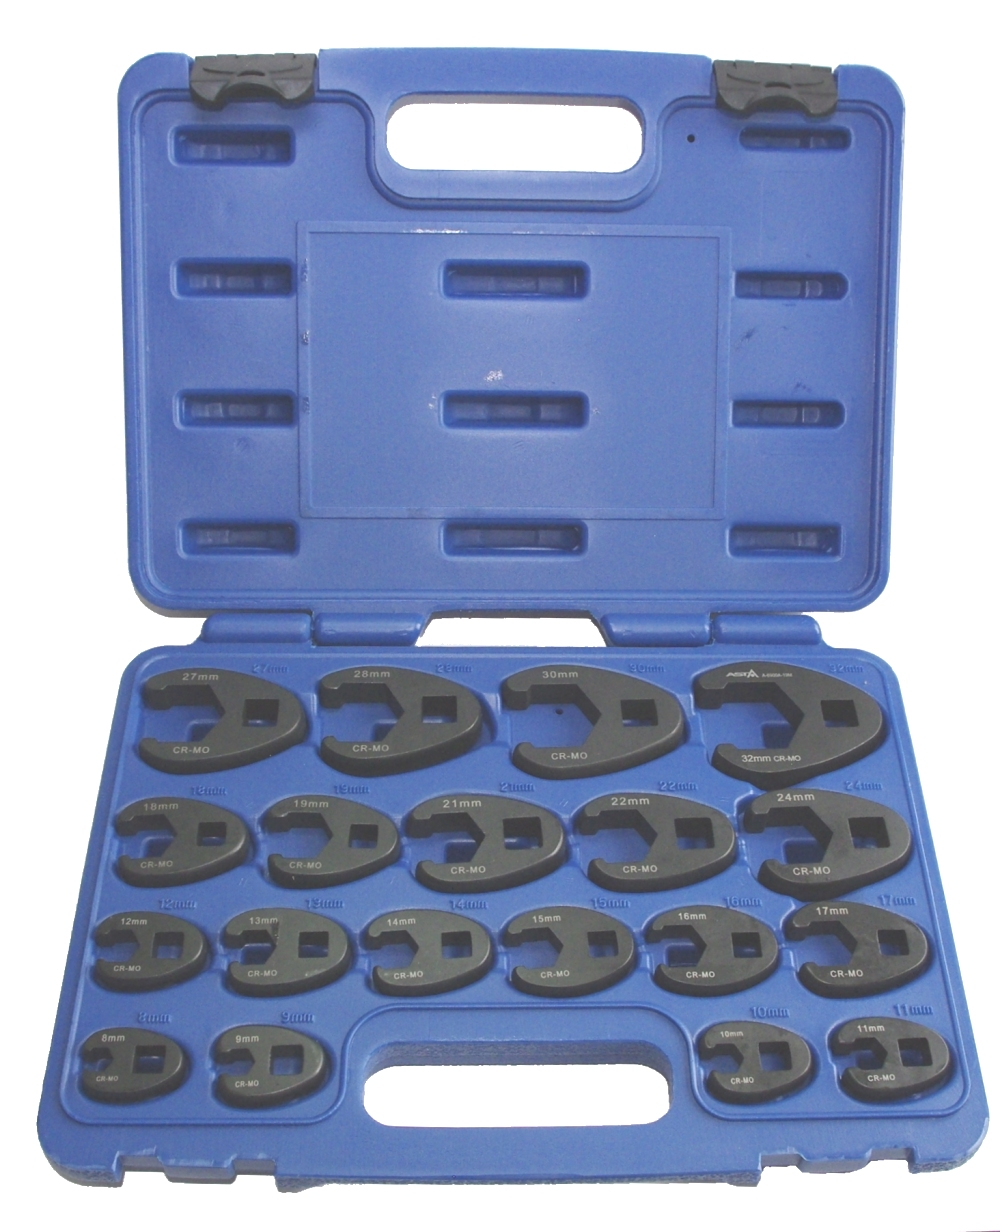 ASTA A-6900A-19M Satz Hahnenfuss / Krähenfuss Schlüssel 10-32mm